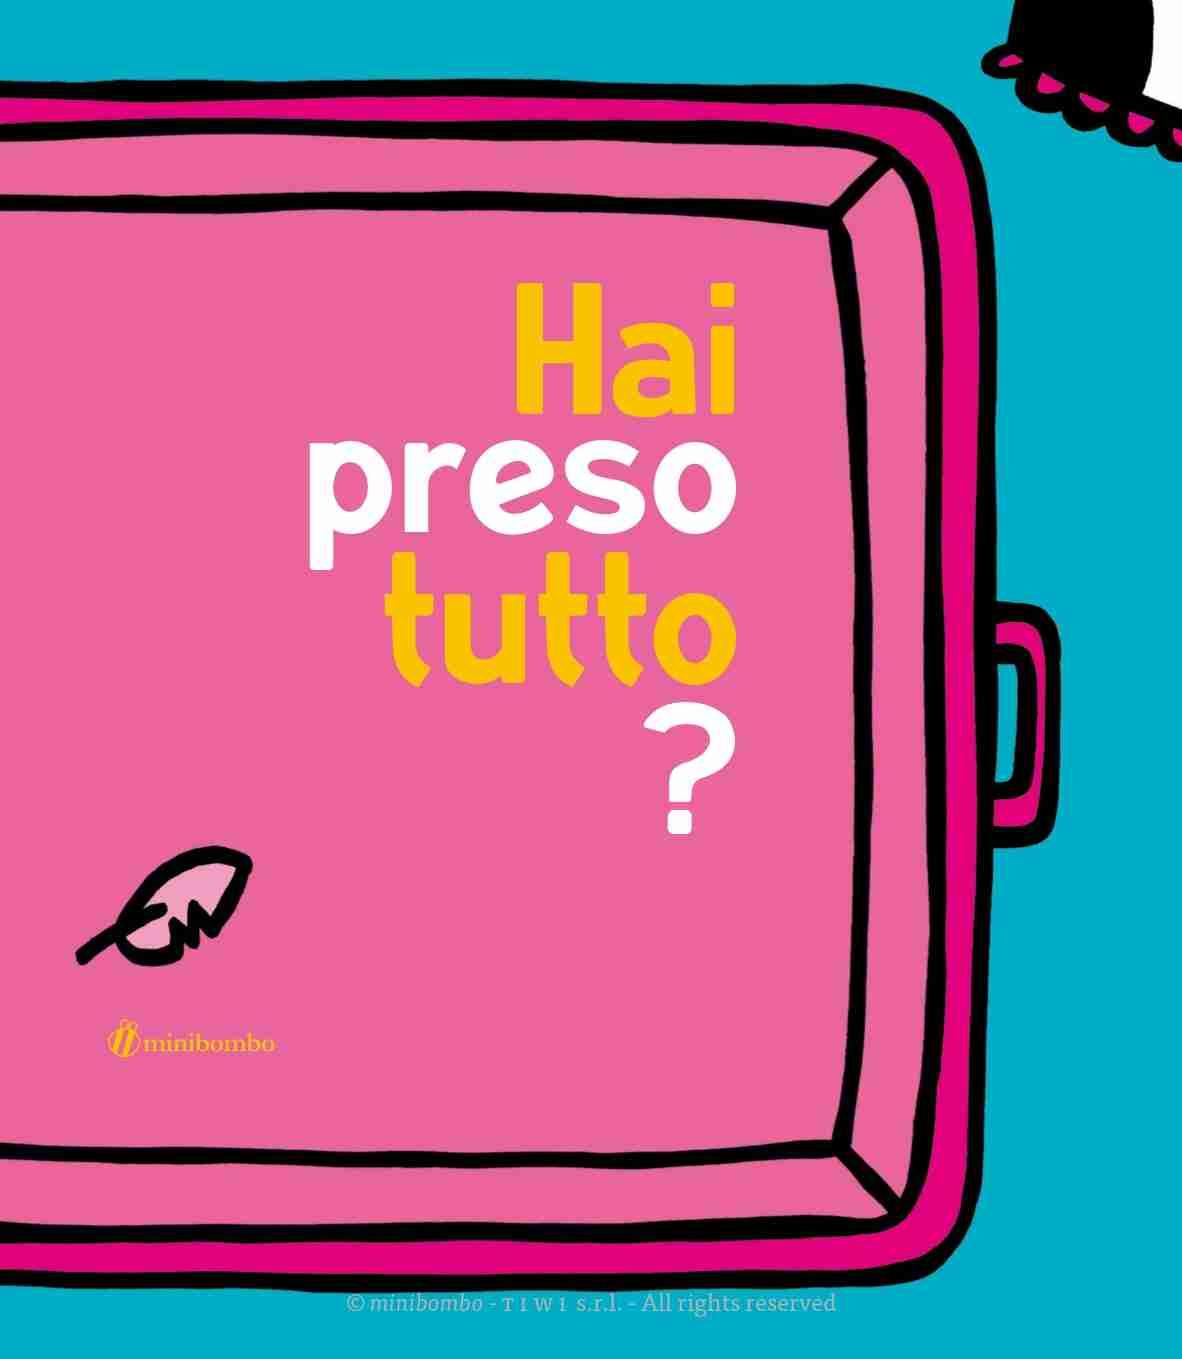 HAI PRESO TUTTO? di Chiara Vignocchi  e Silvia Borando, MINIBOMBO